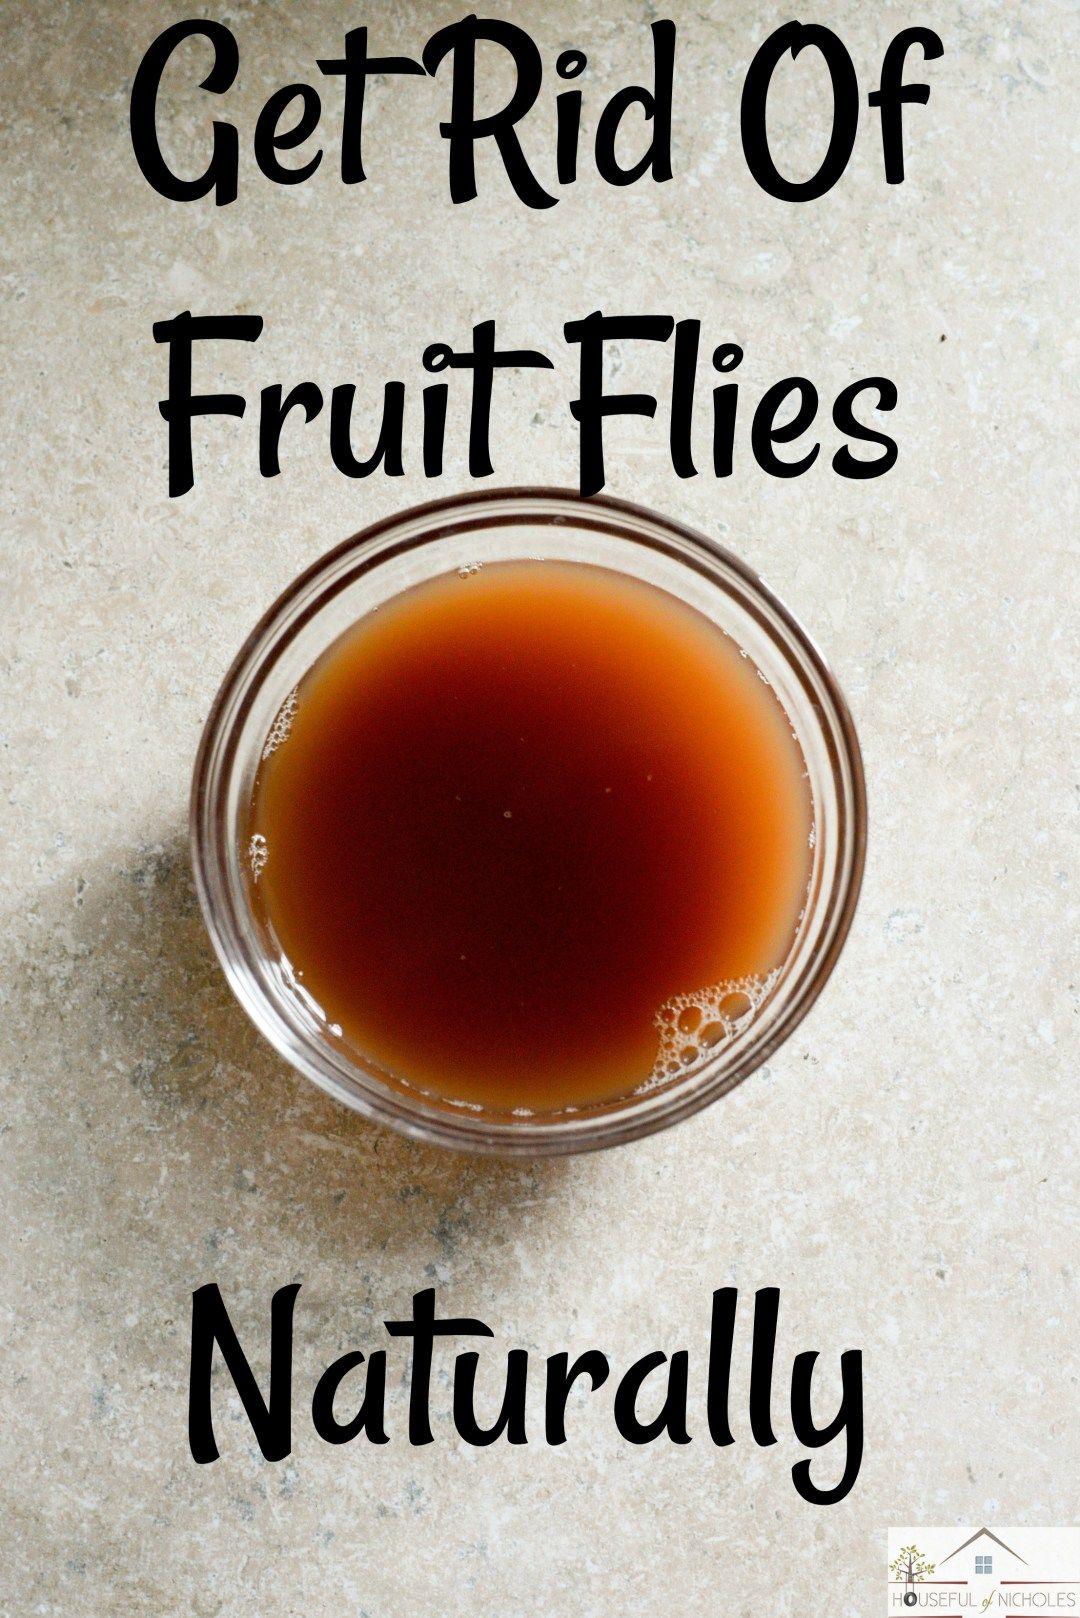 Getting rid of fruit flies remedies